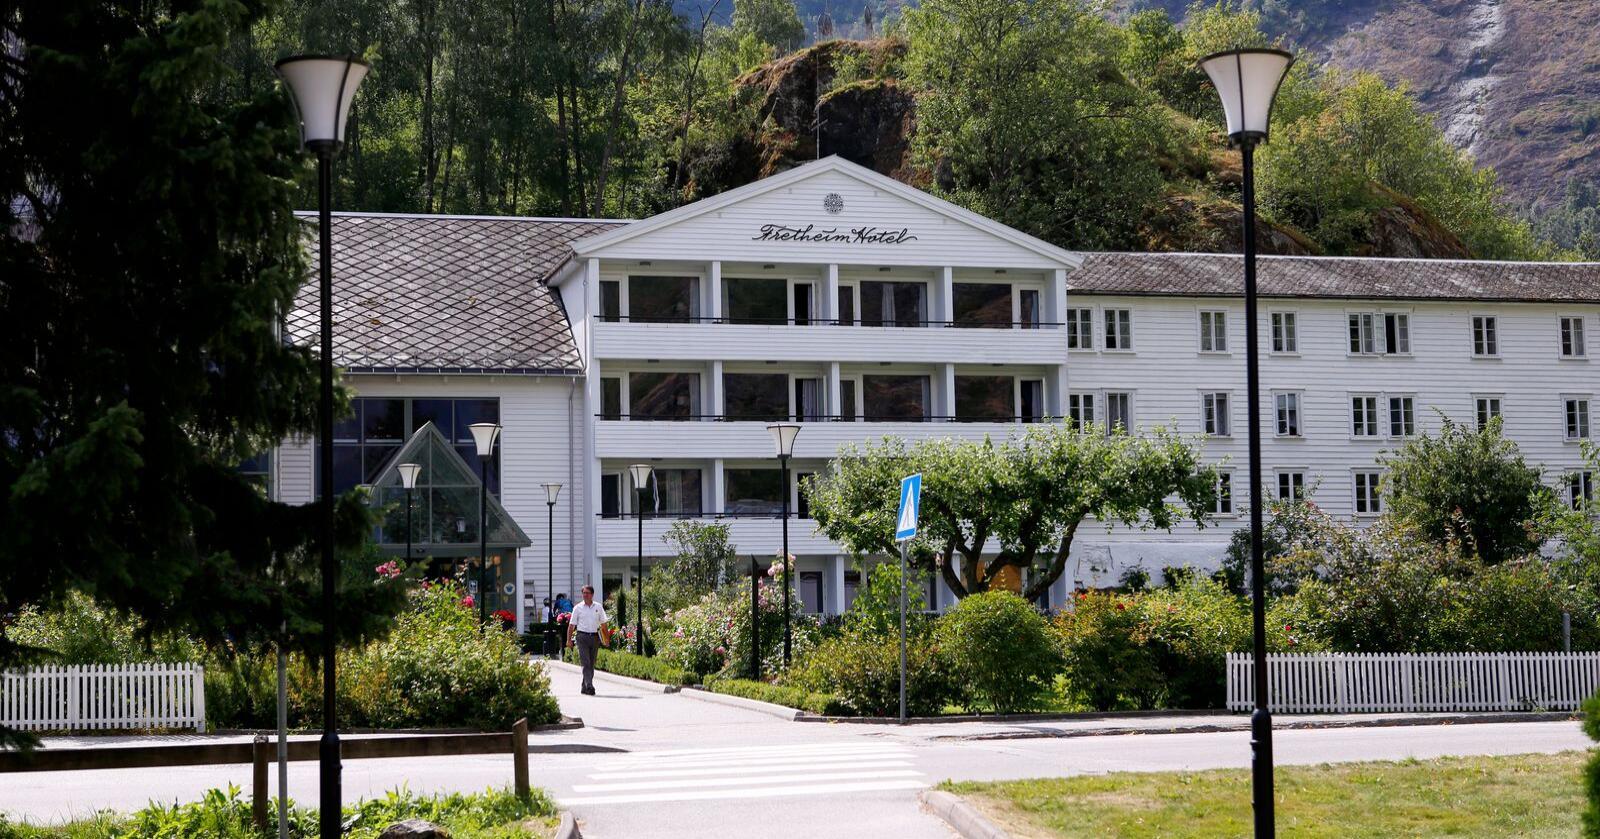 Ved Fretheim Hotel i Flåm har dei hatt mange norske gjester i sommar. Hotelldirektør Øivind Wigand seier dei at han opplever at dei fleste gjestene har vore nøgde. Arkivfoto: Marianne Løvland / NTB scanpix / NPK